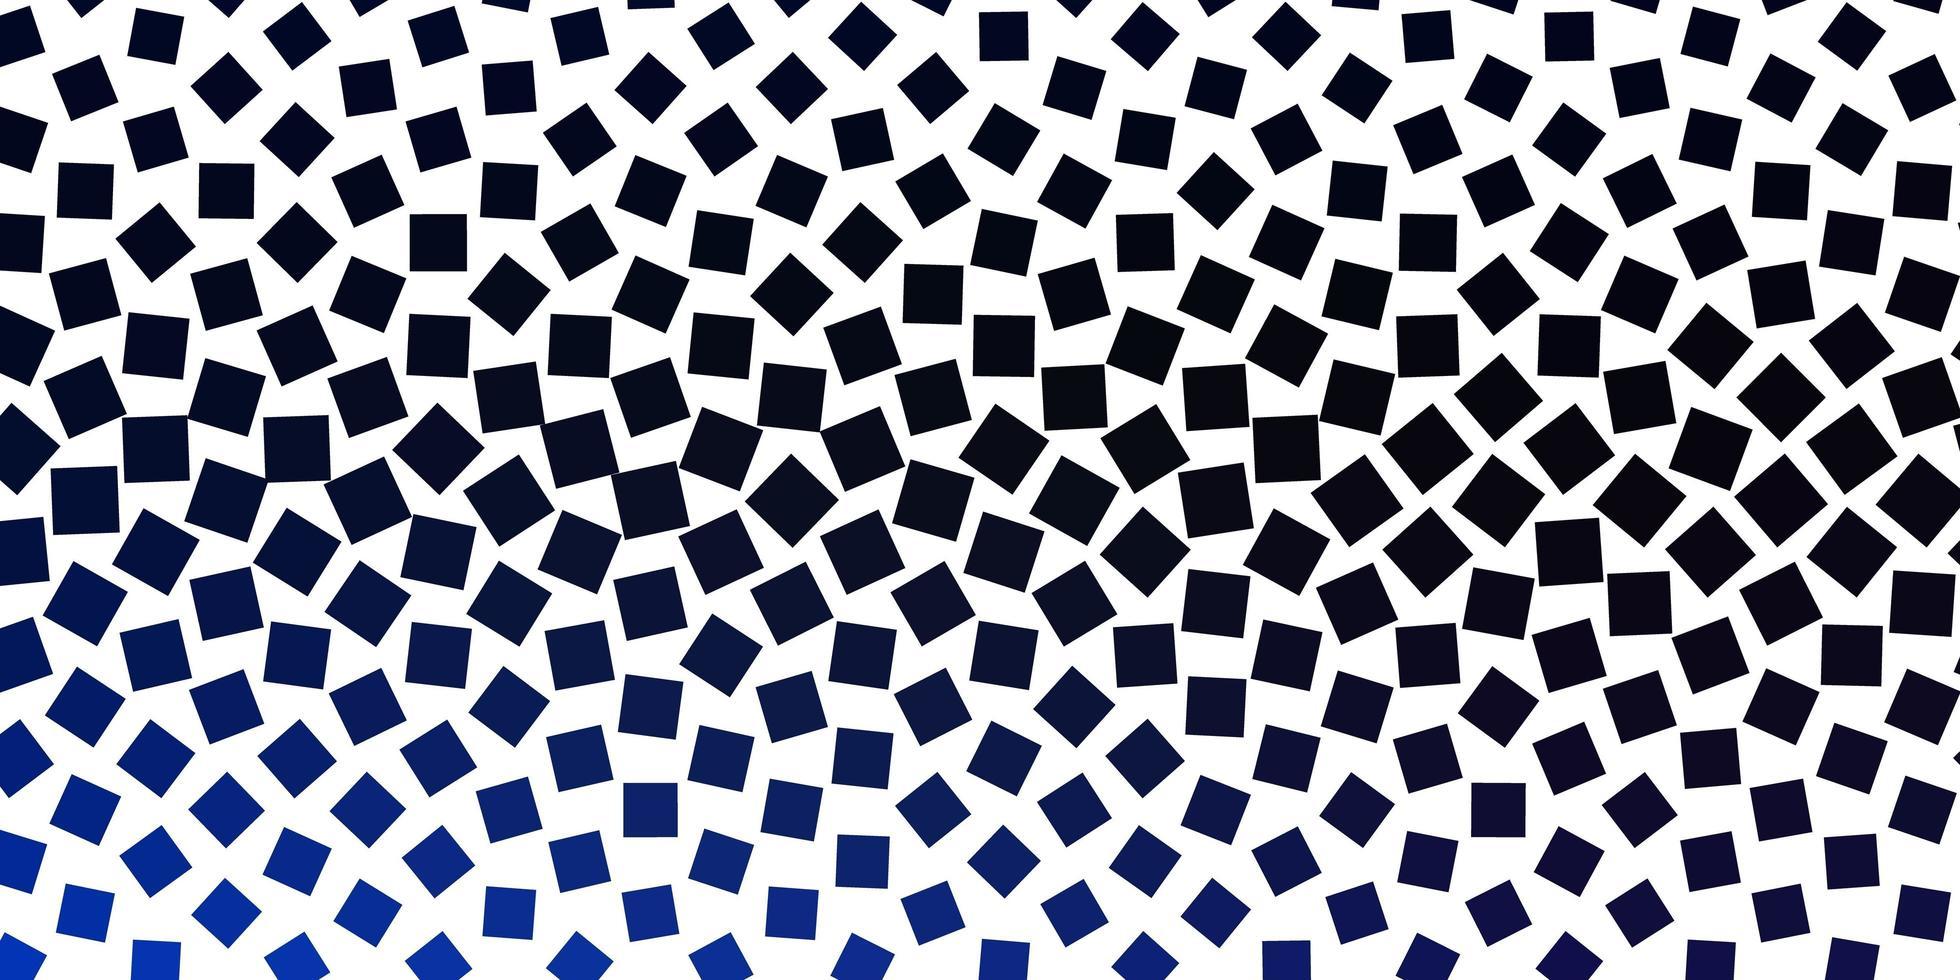 fond bleu foncé avec des carrés. vecteur